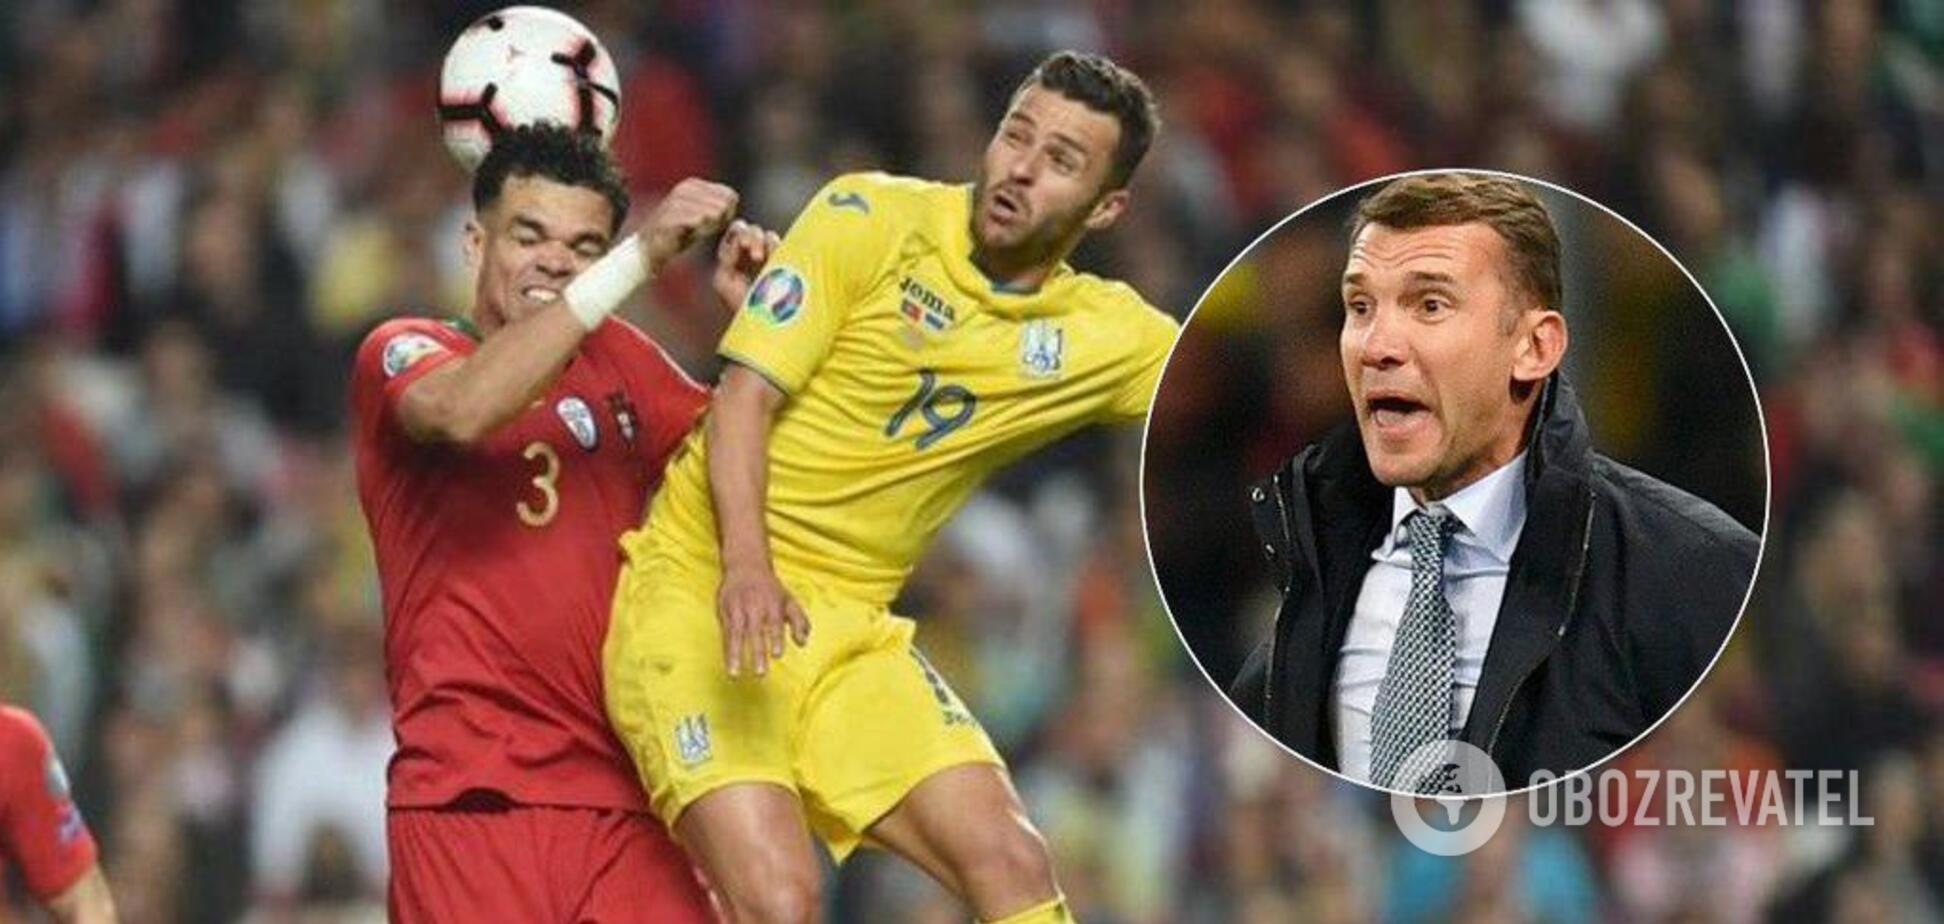 Украине хотят дать поражения 0:3 за матчи с Португалией и Люксембургом — что известно